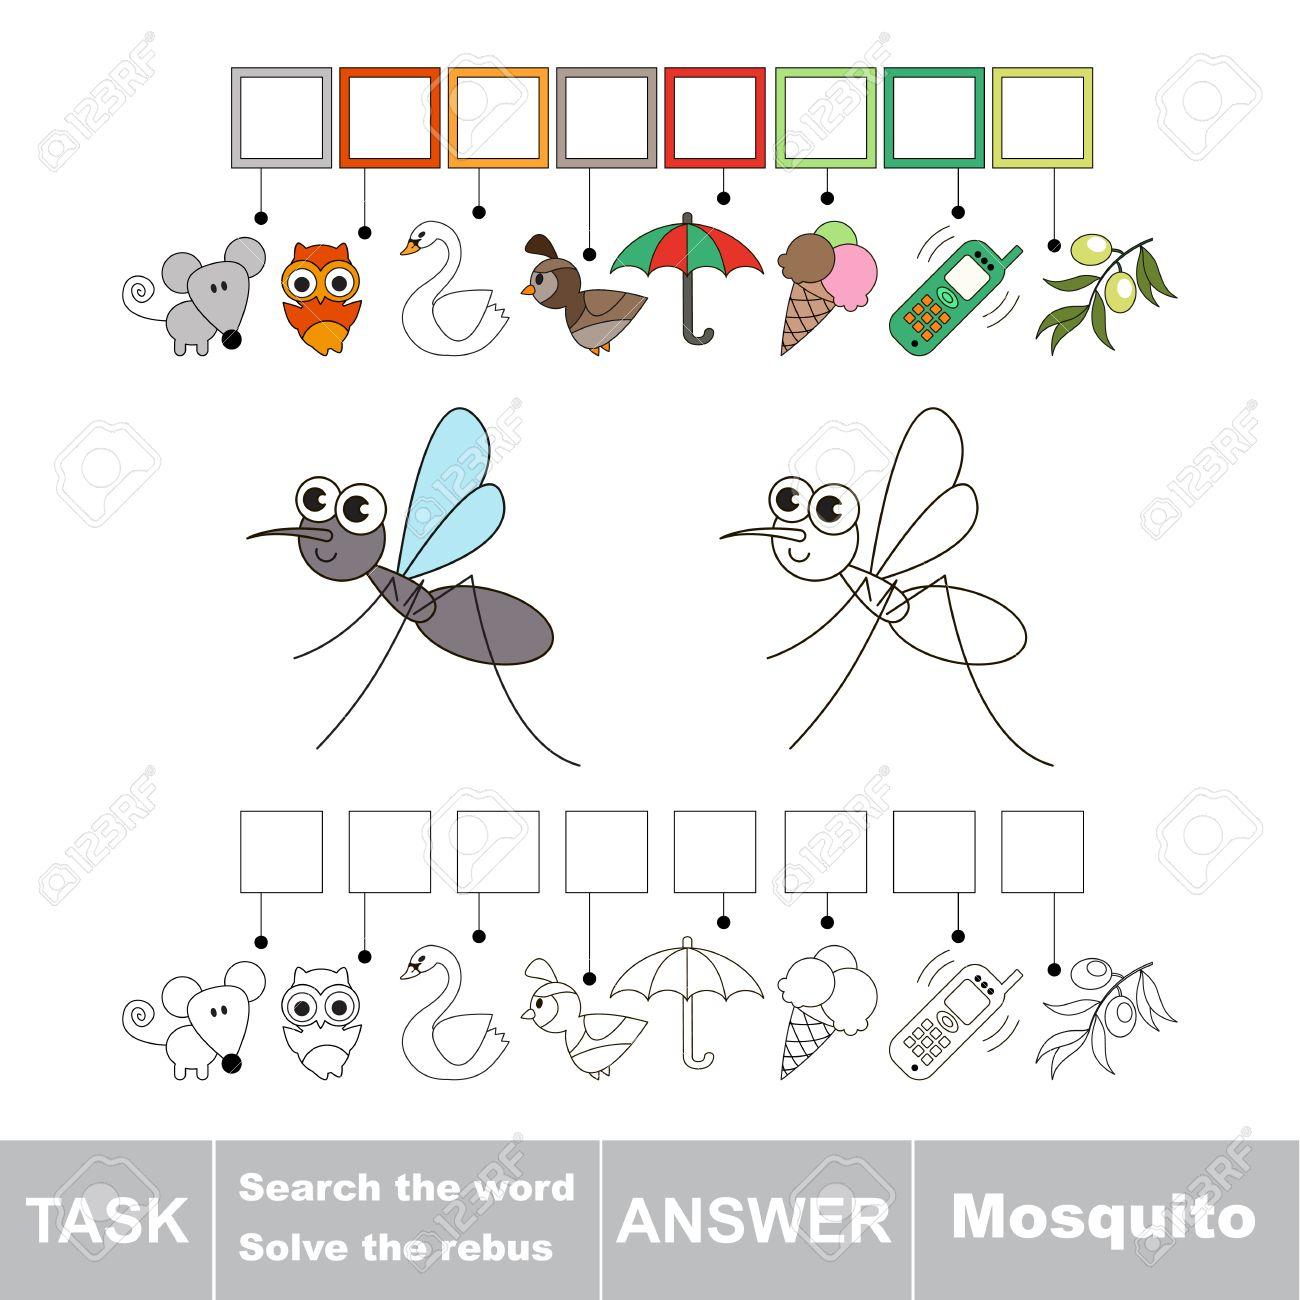 Vector Rebus Jeu Pour Les Enfants. Éducatif Facile Jeu D'enfant. Niveau De  Jeu Simple. Trouver La Solution Et Écrire Le Mot Caché Mosquito à Rebus Enfant